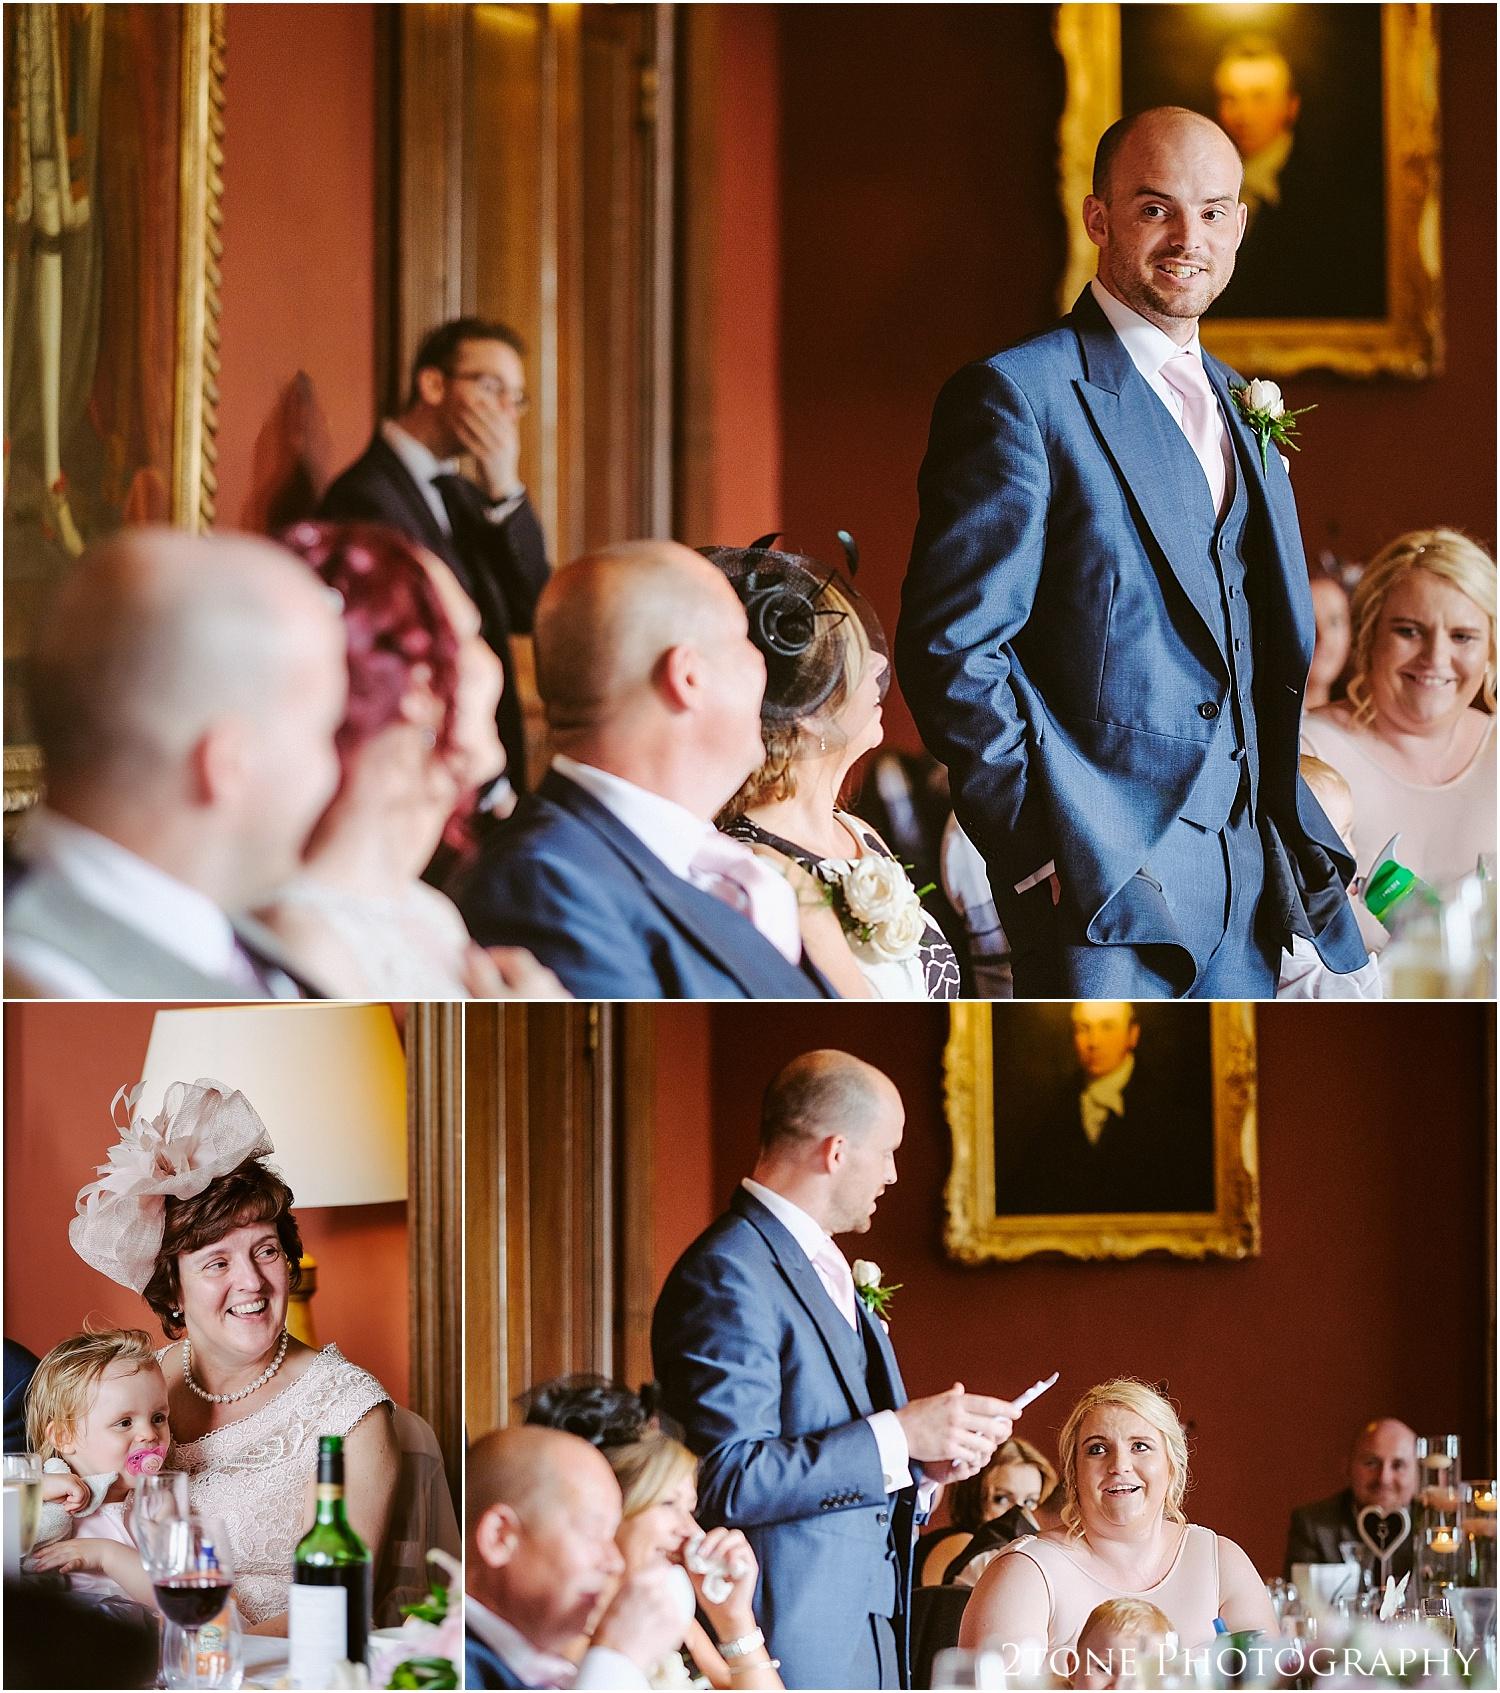 Crathorne Hall wedding 64.jpg